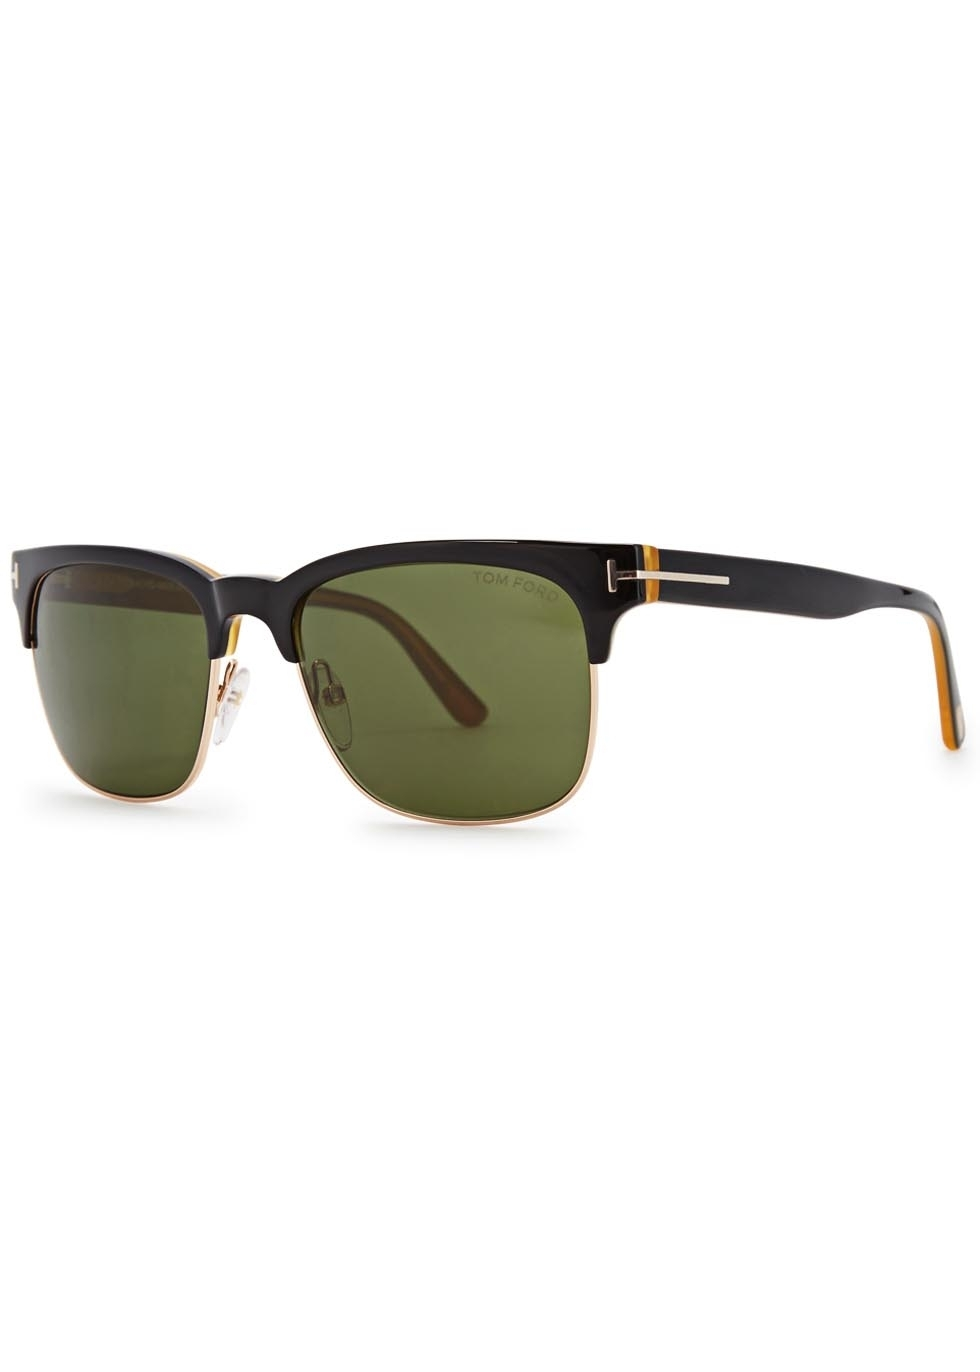 271bada779654 Men s Designer Clubmaster Sunglasses - Harvey Nichols